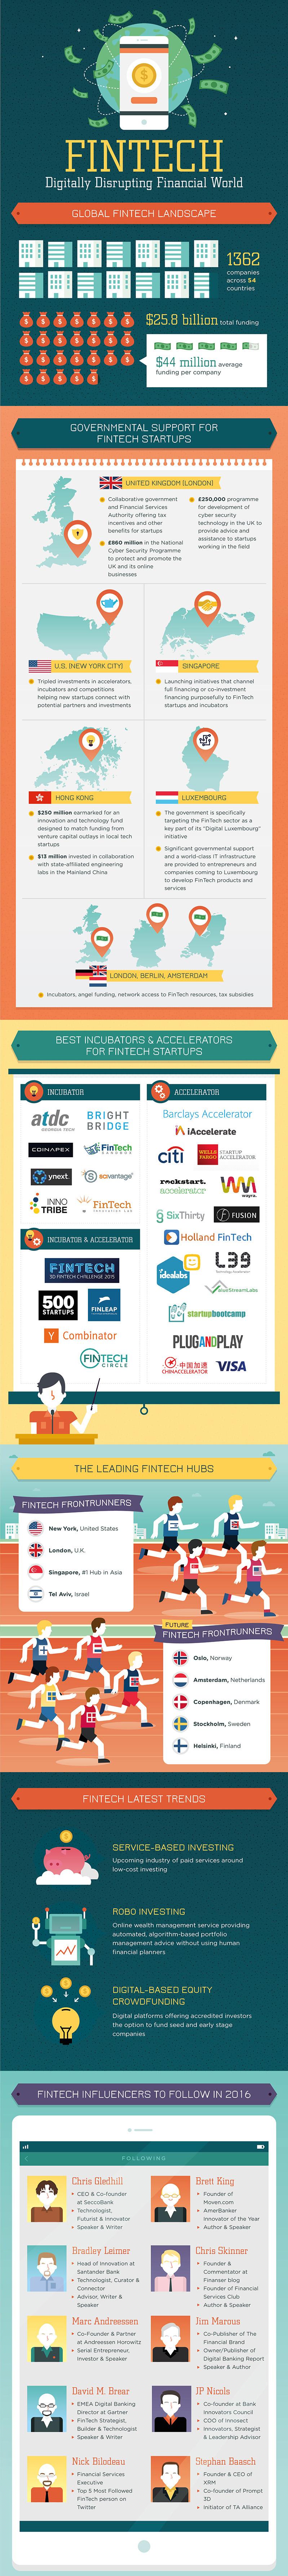 fintech disrupting financial world1